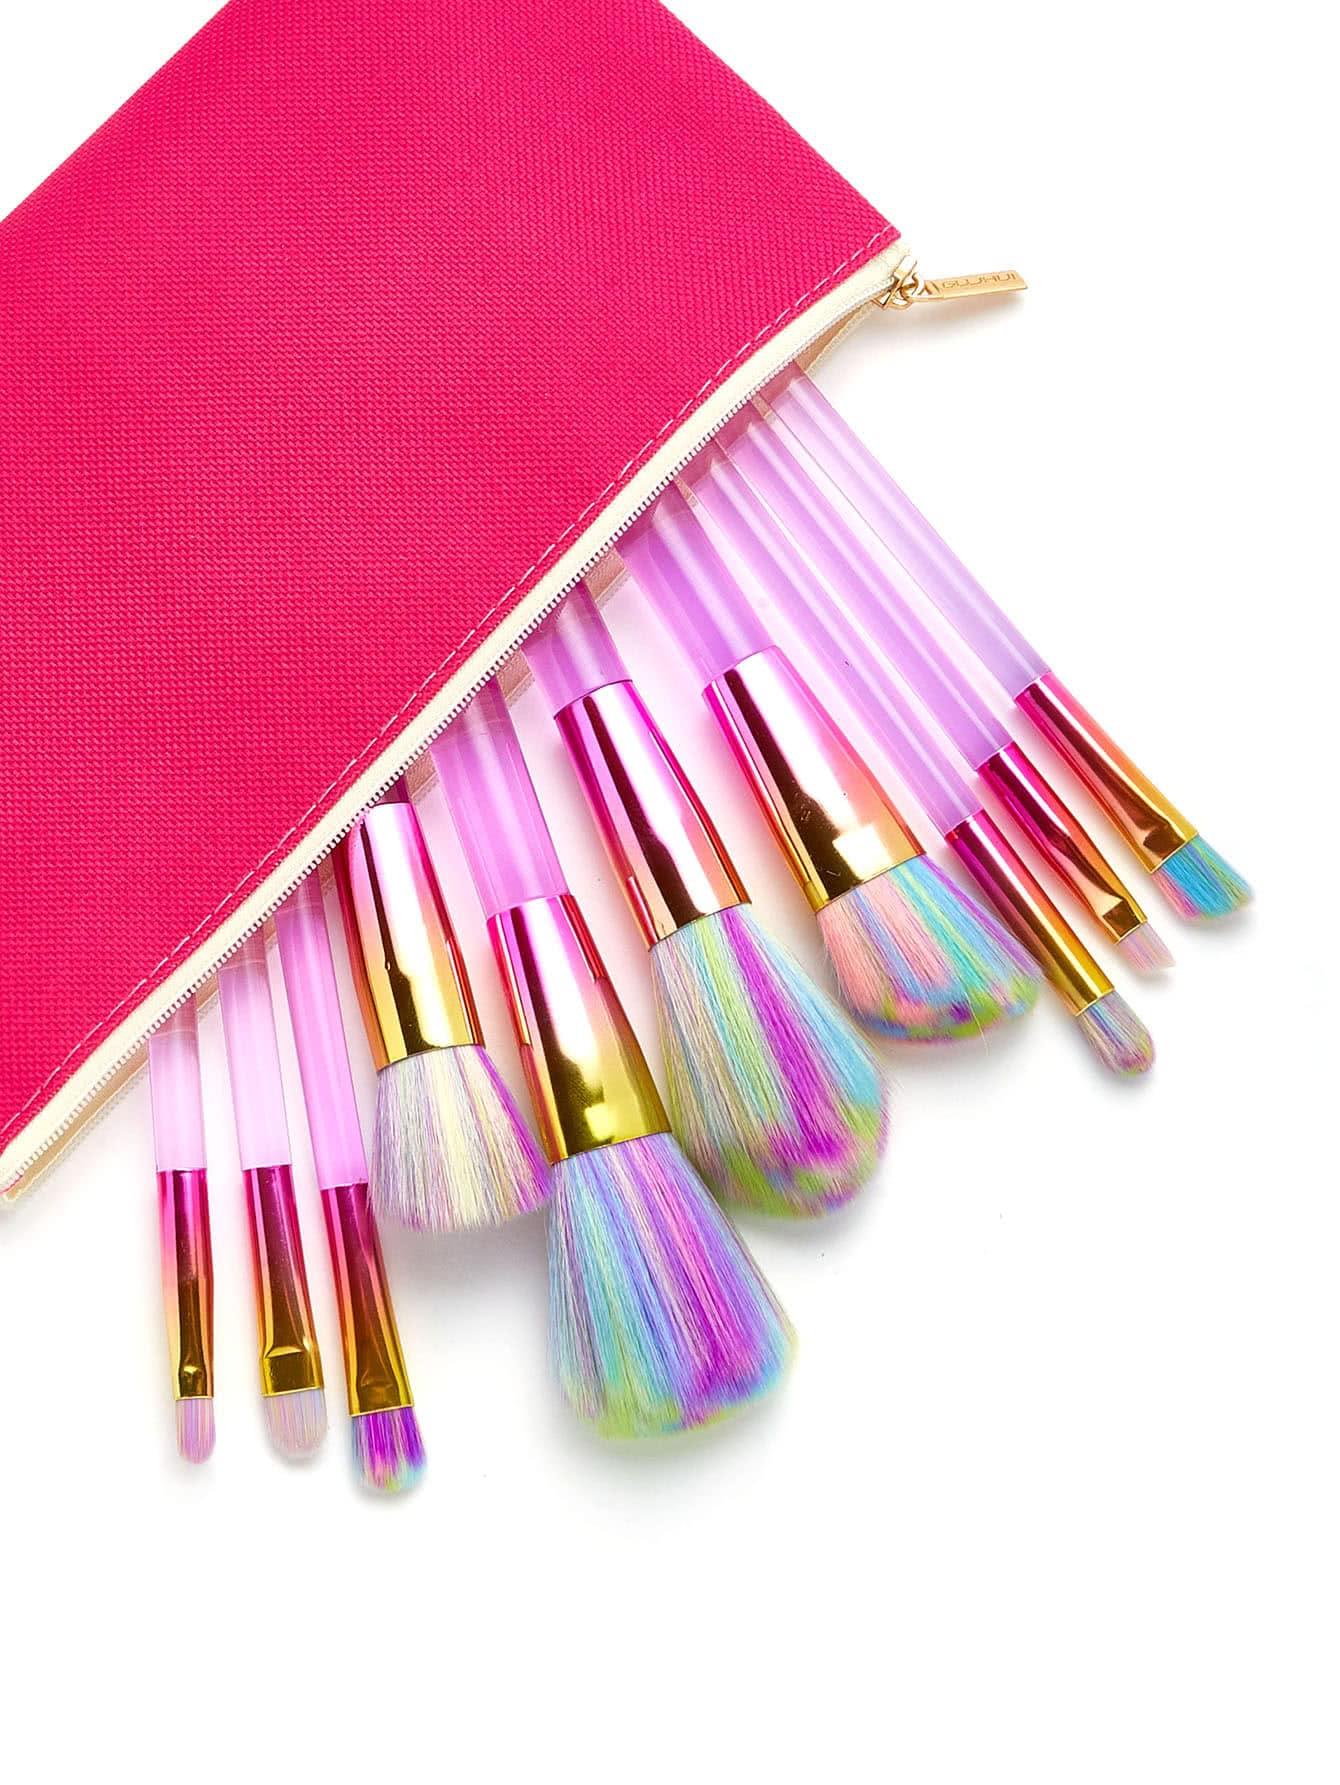 Pastel Makeup Brush 10pcs With Bag